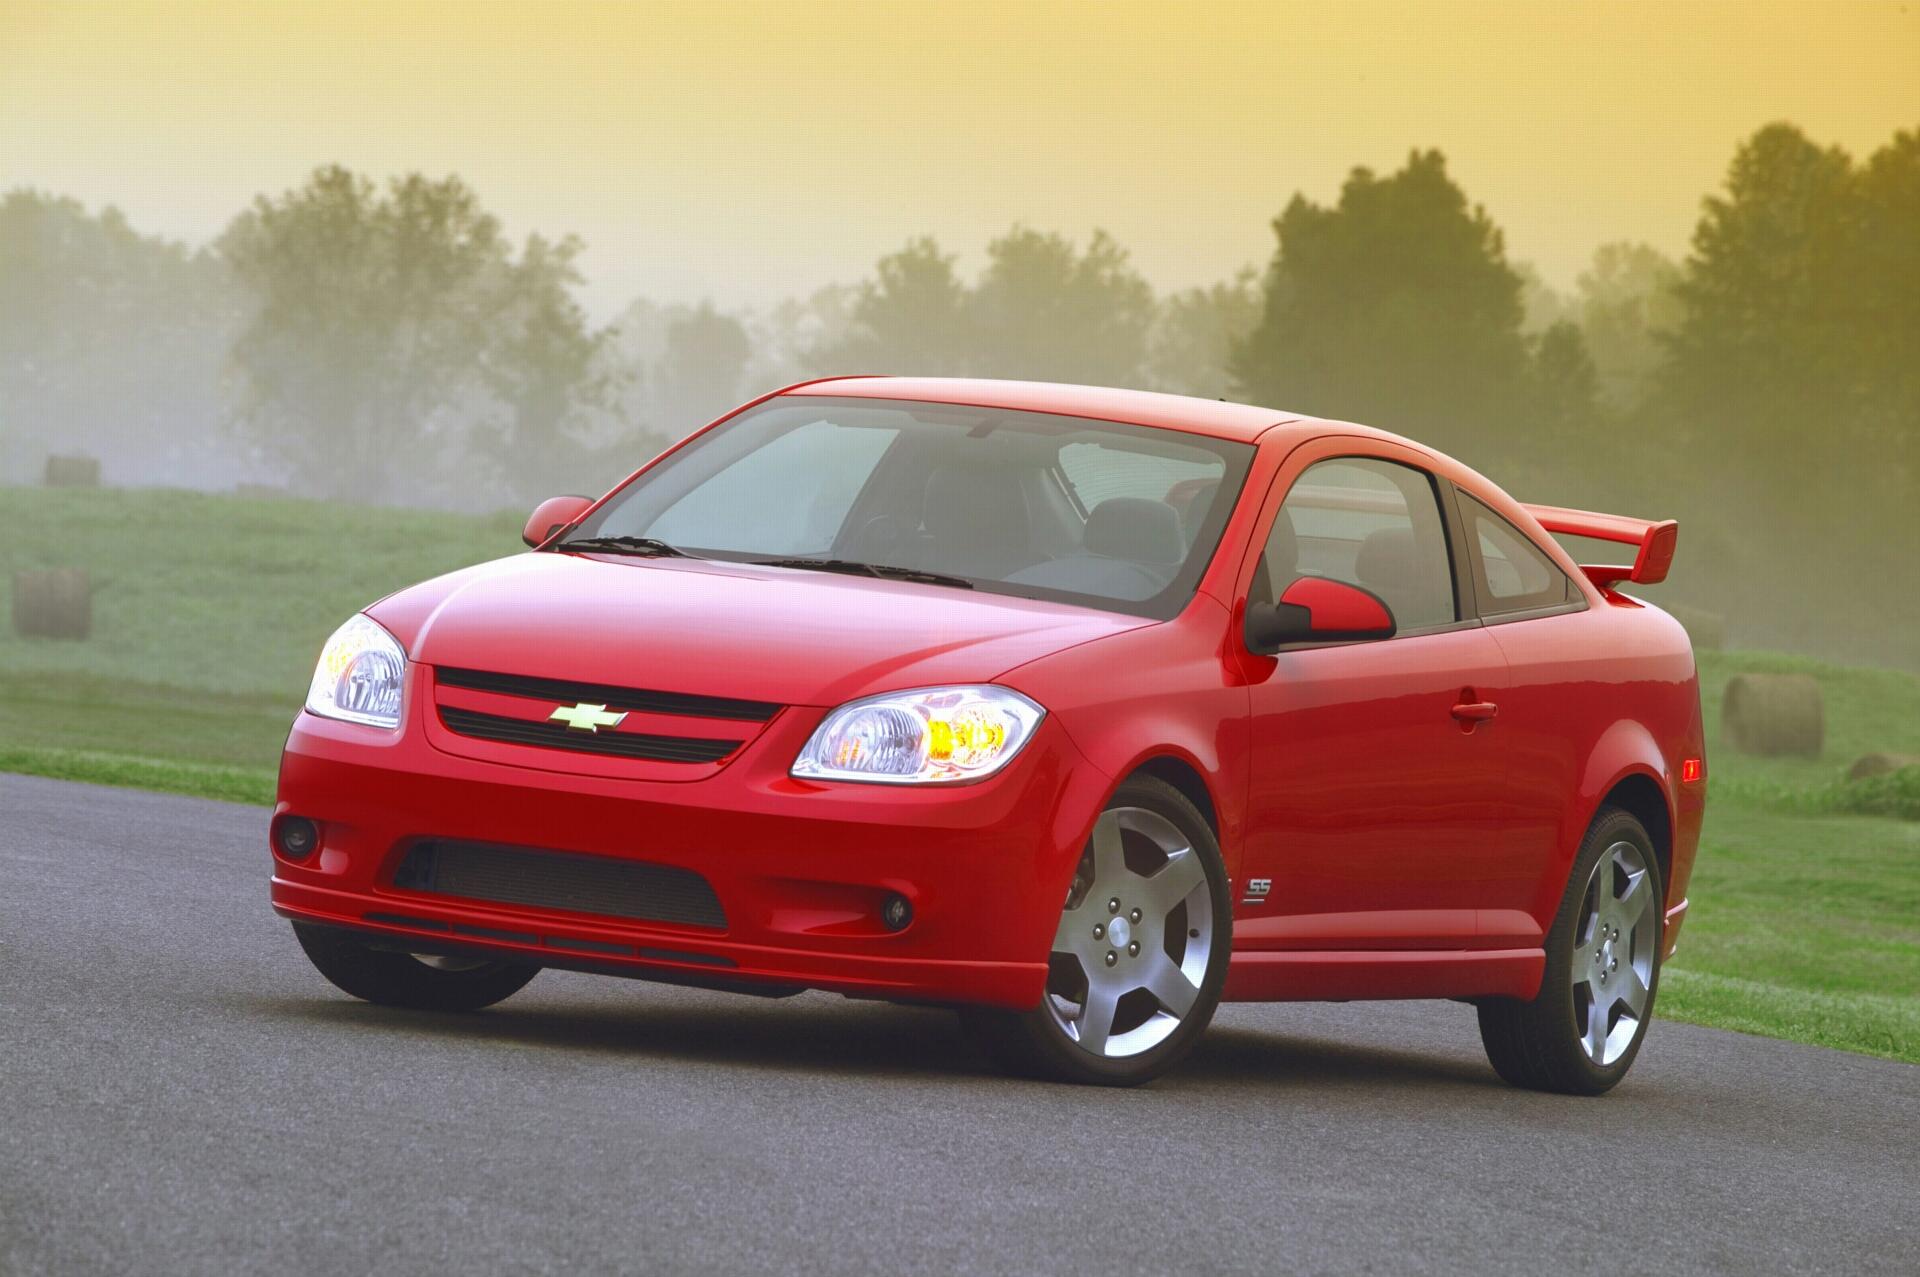 2010 Cobalt Ss >> 2008 Chevrolet Cobalt News and Information - conceptcarz.com